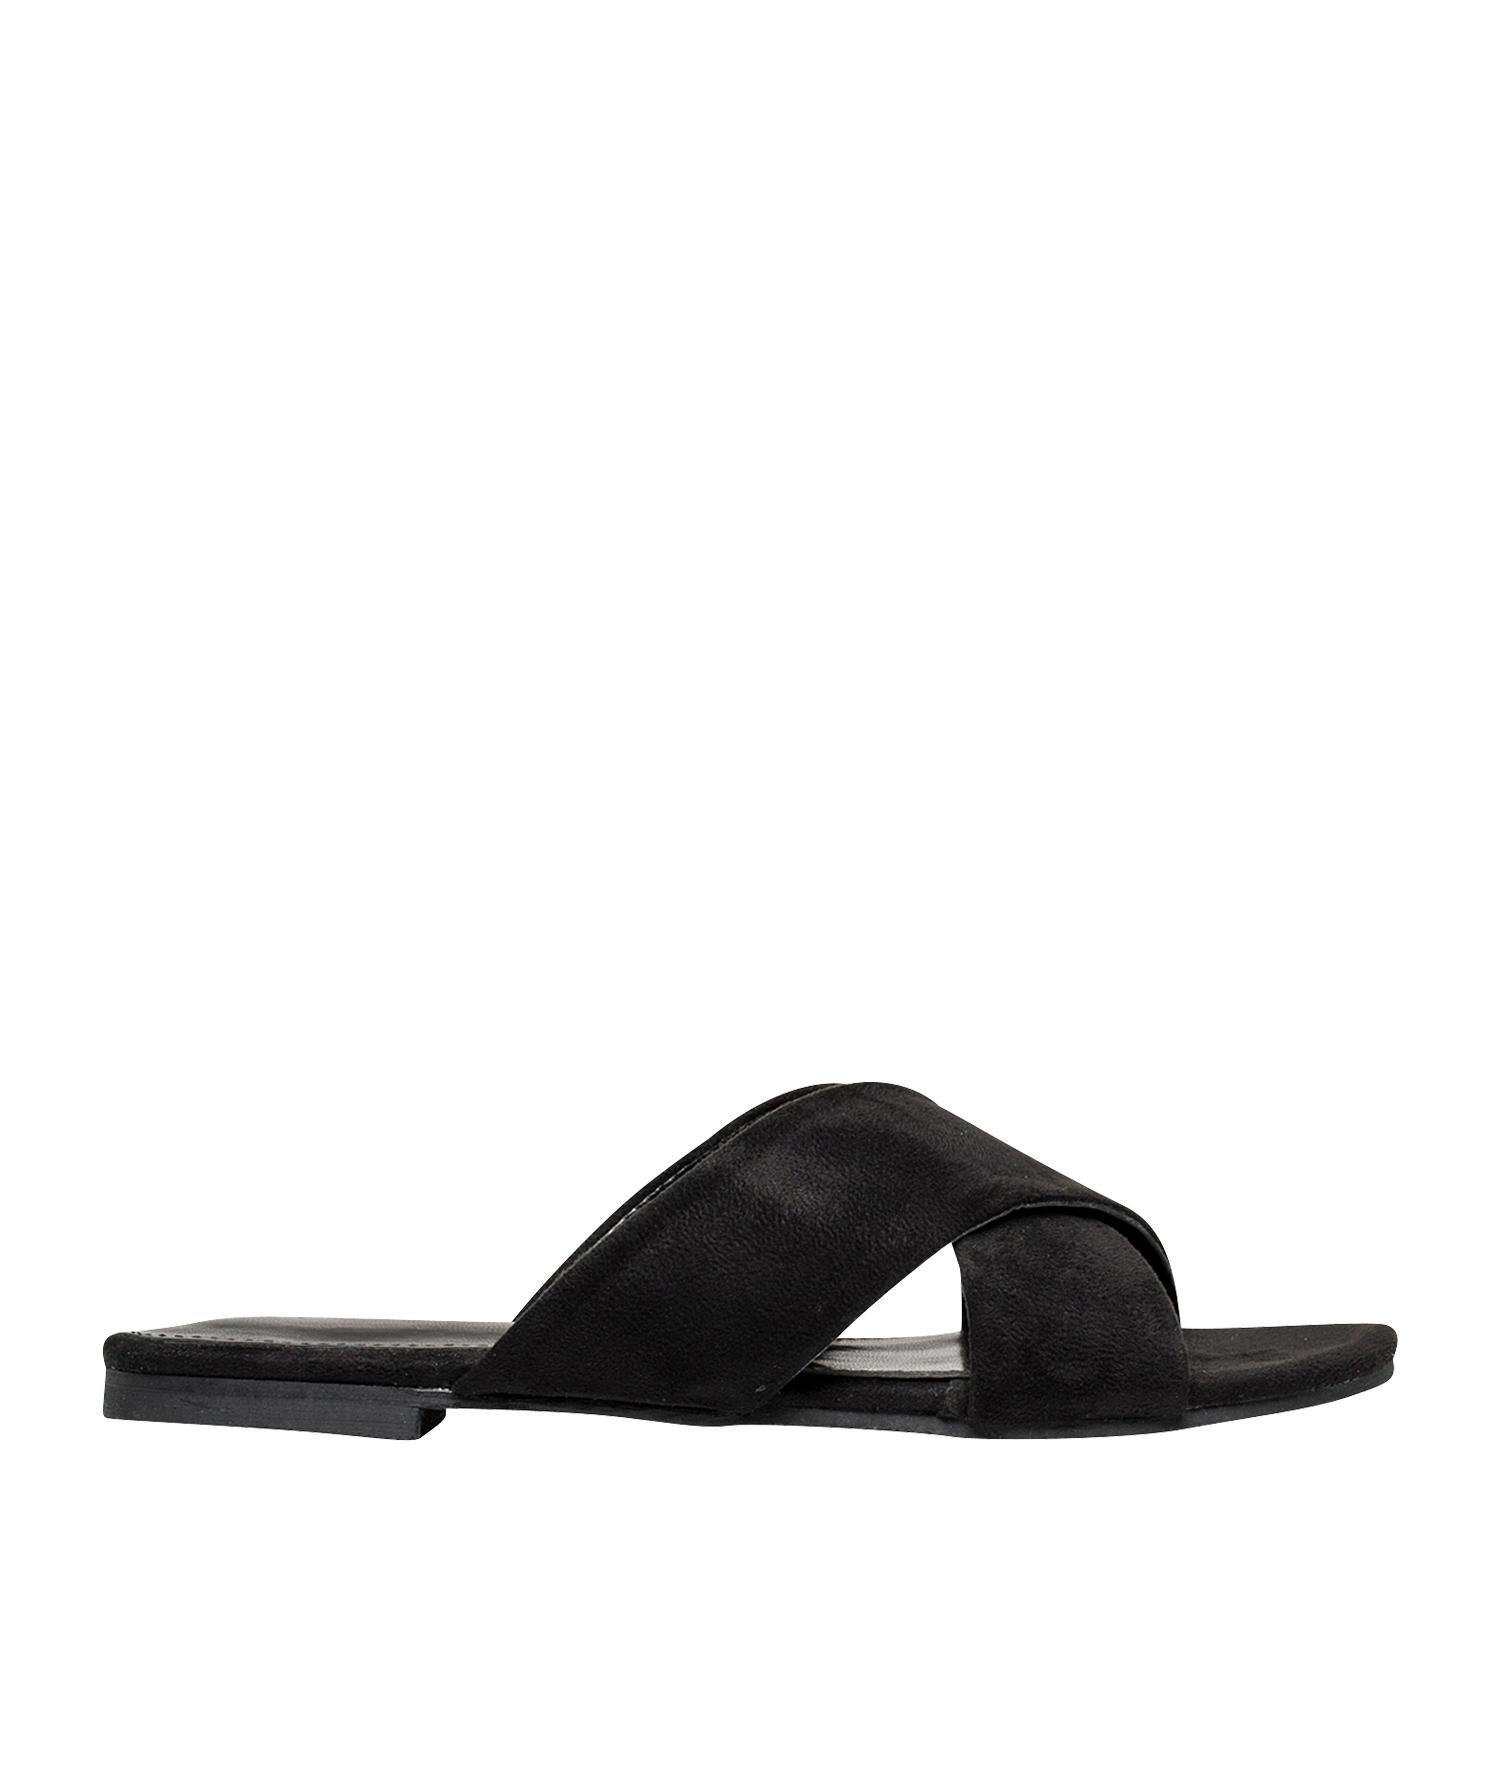 6e1a848d0 AnnaKastle Womens Vegan Suede Crisscross Slide Sandals Black